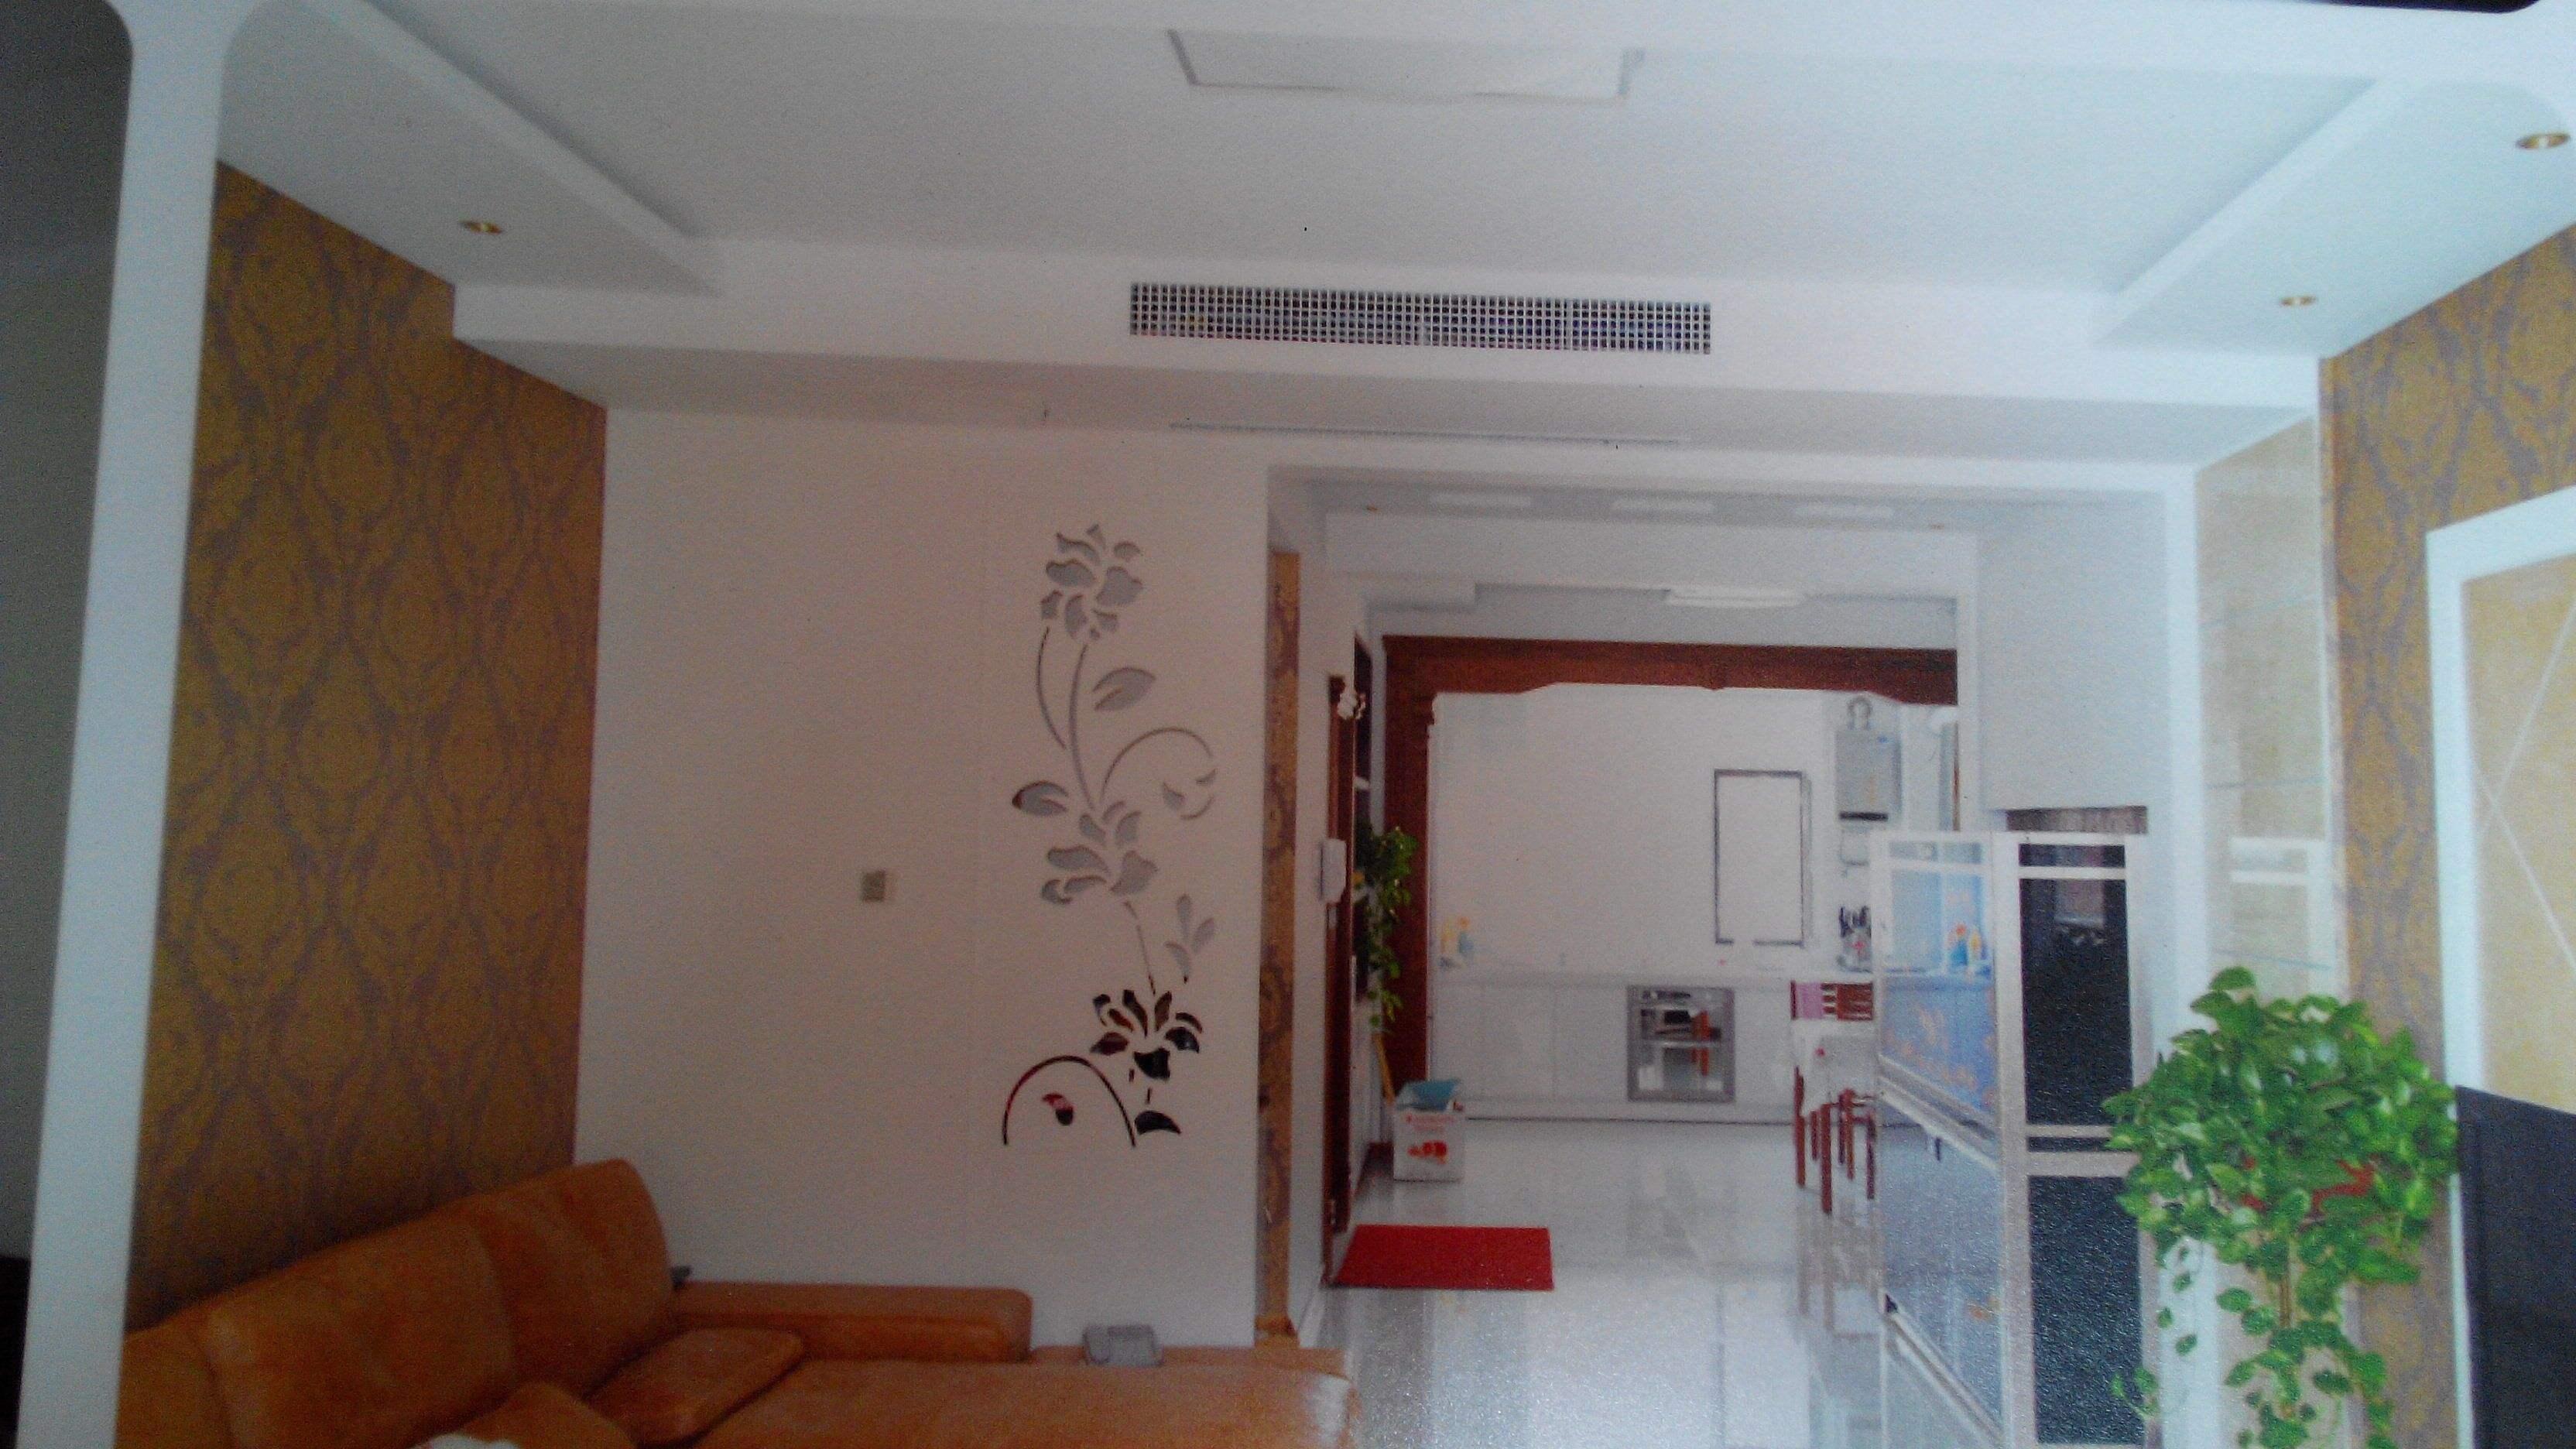 小户型安装中央空调浪费吗 小户型也可以安装中央空调